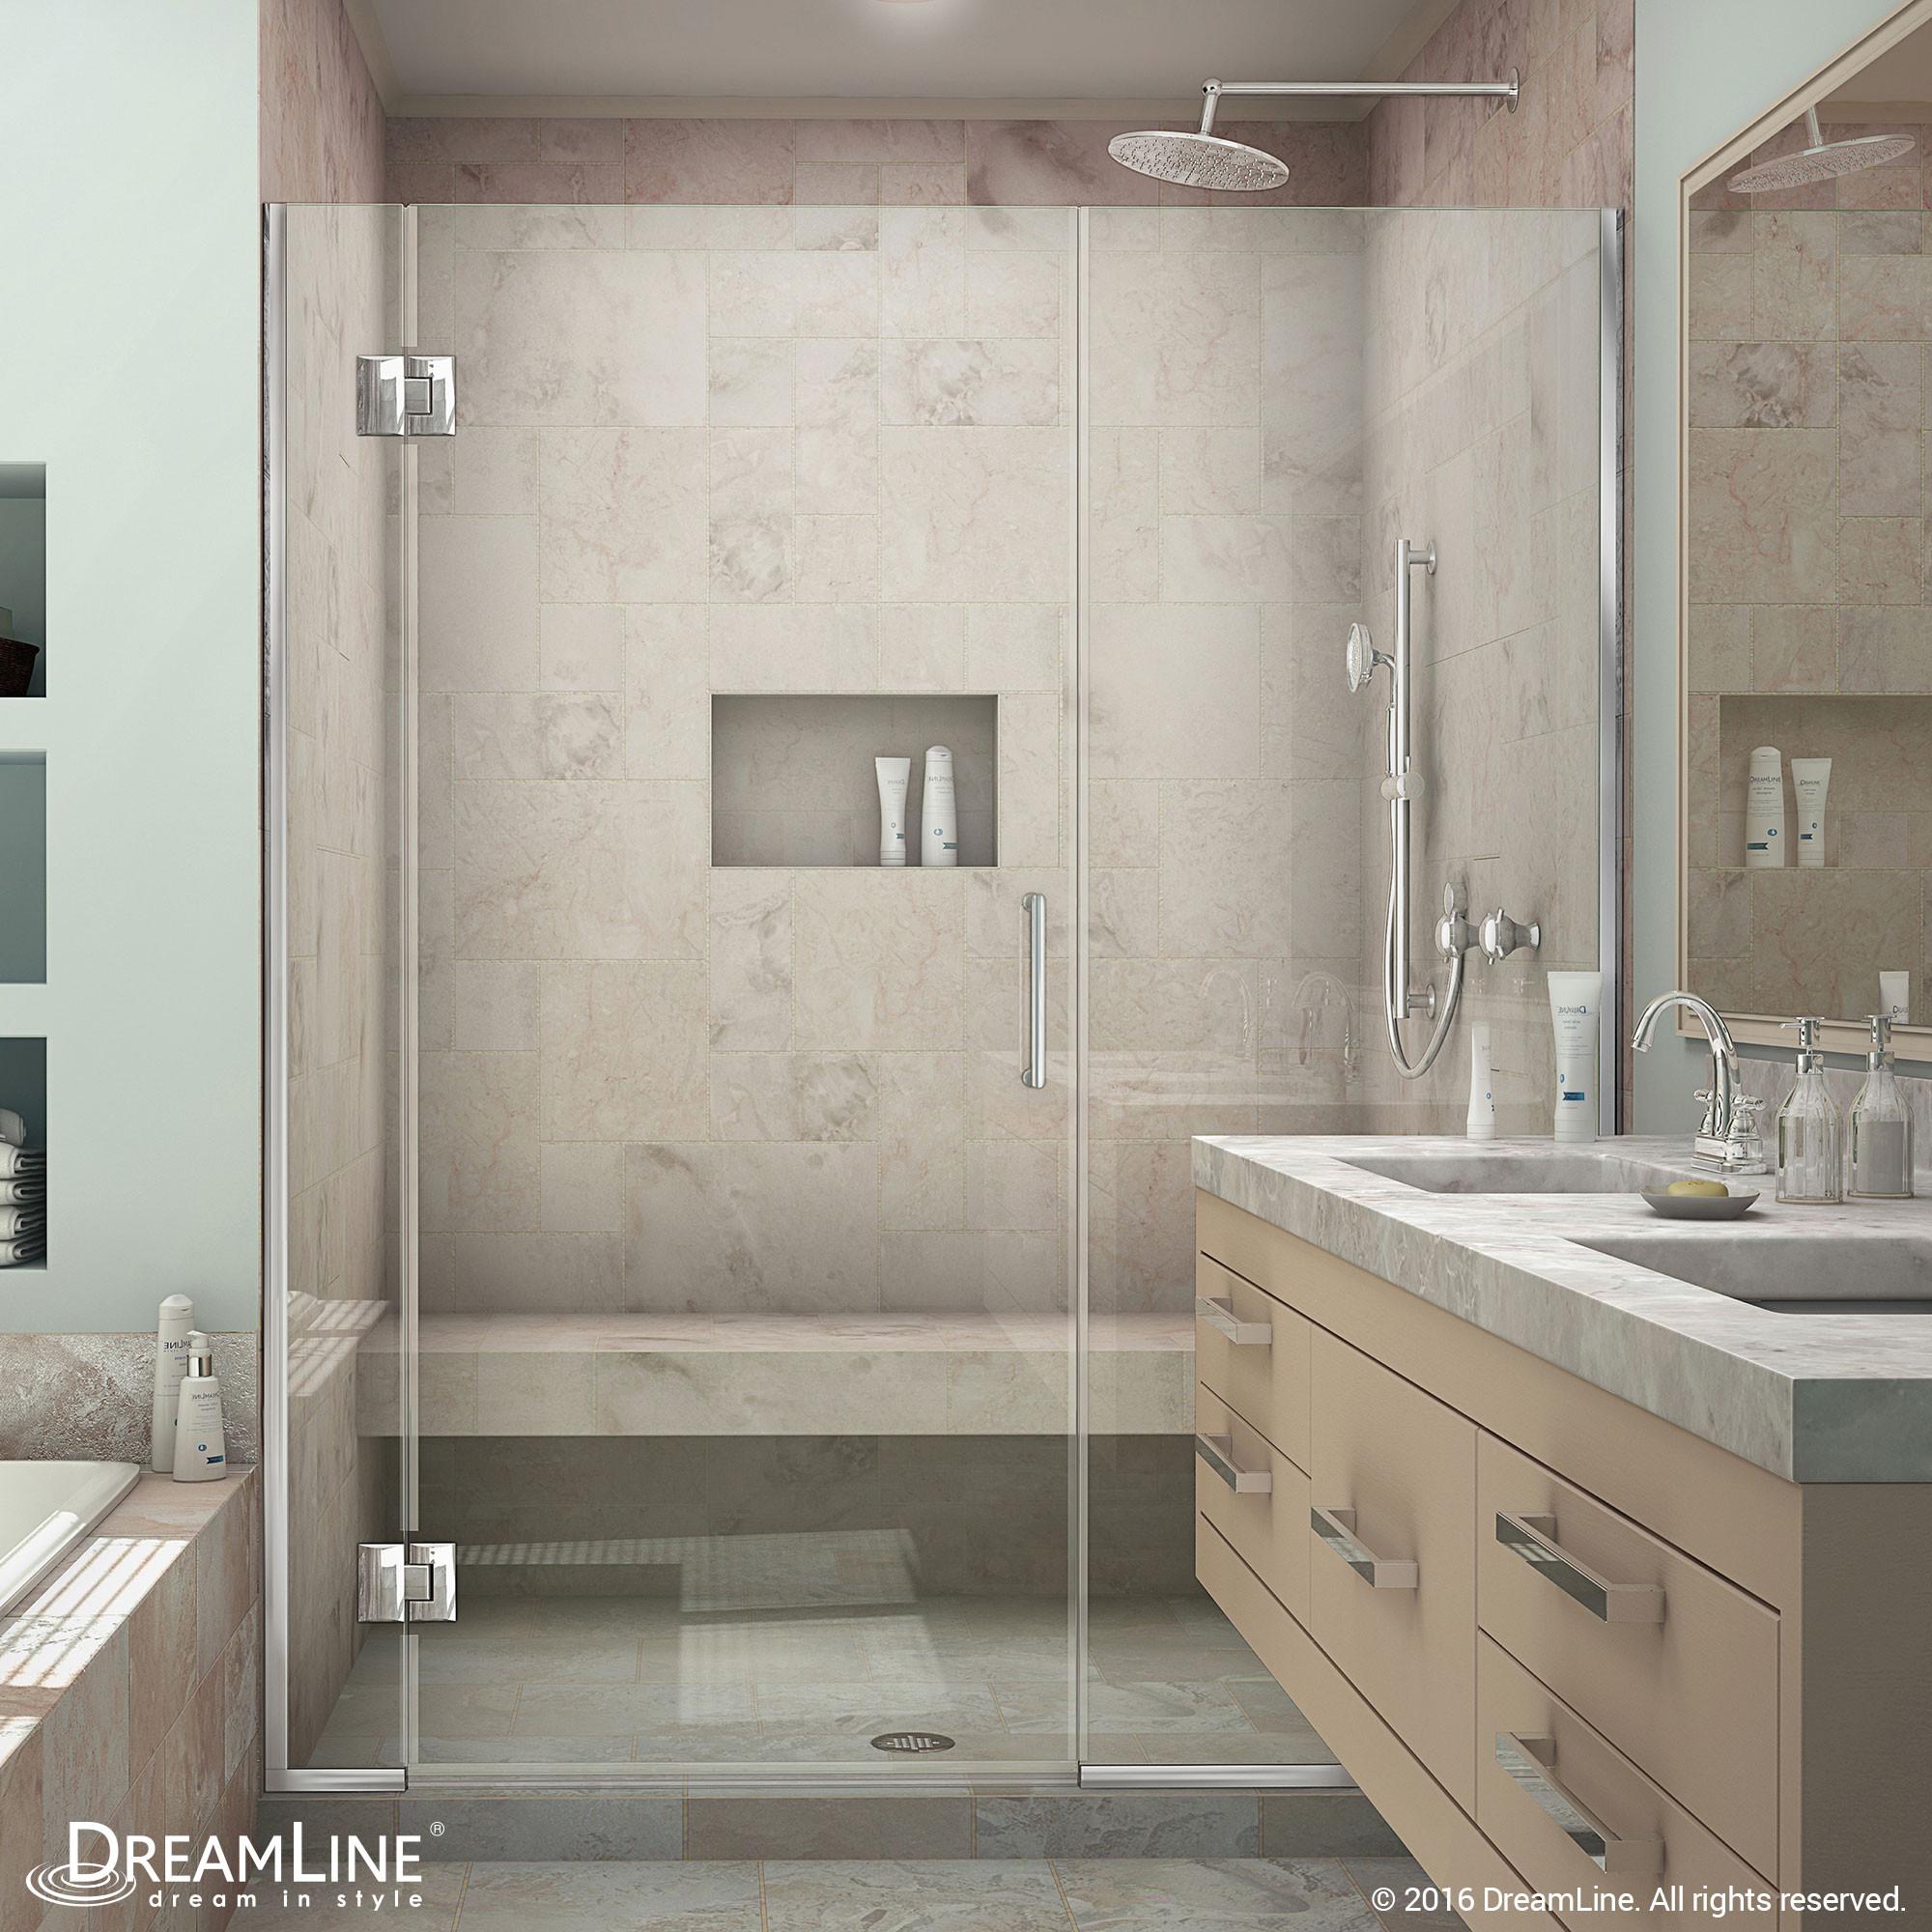 DreamLine D12522572-01 Unidoor-X 53 1/2 - 54 in. W x 72 in. H Hinged Shower Door in Chrome